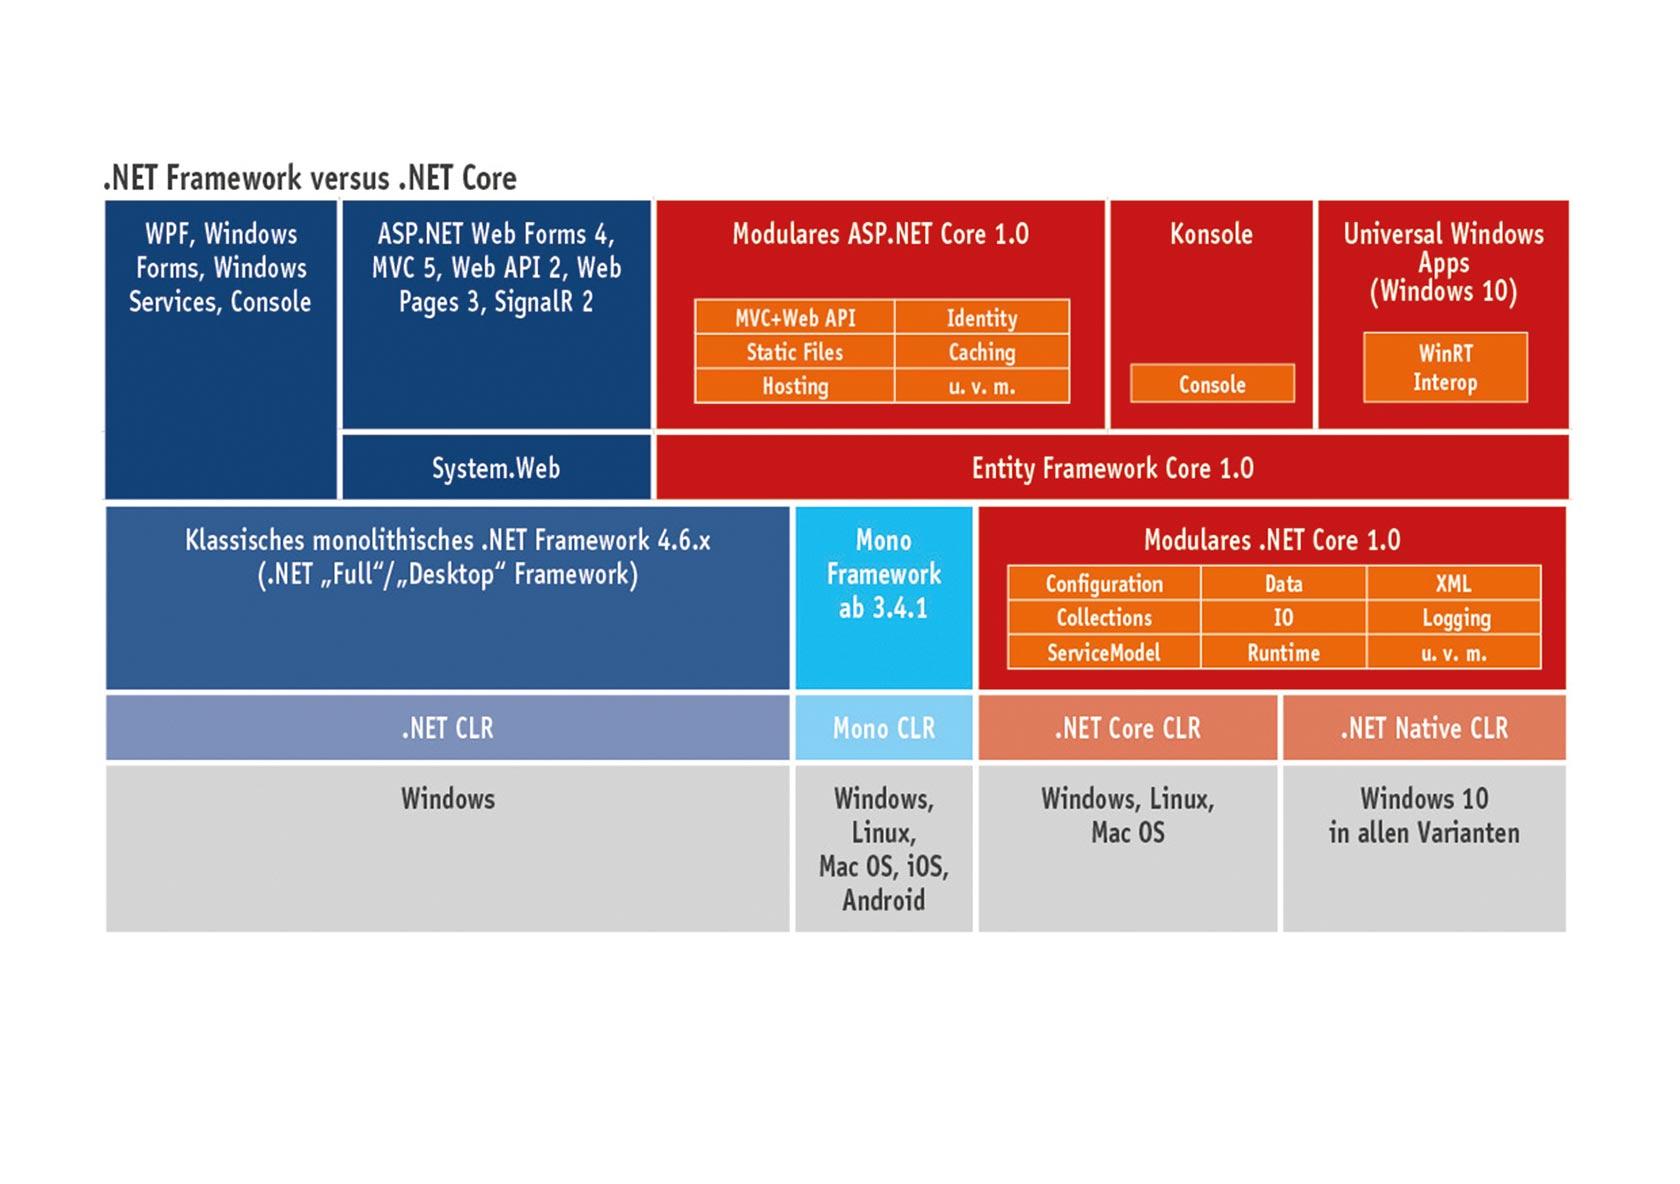 NET Core 220.20